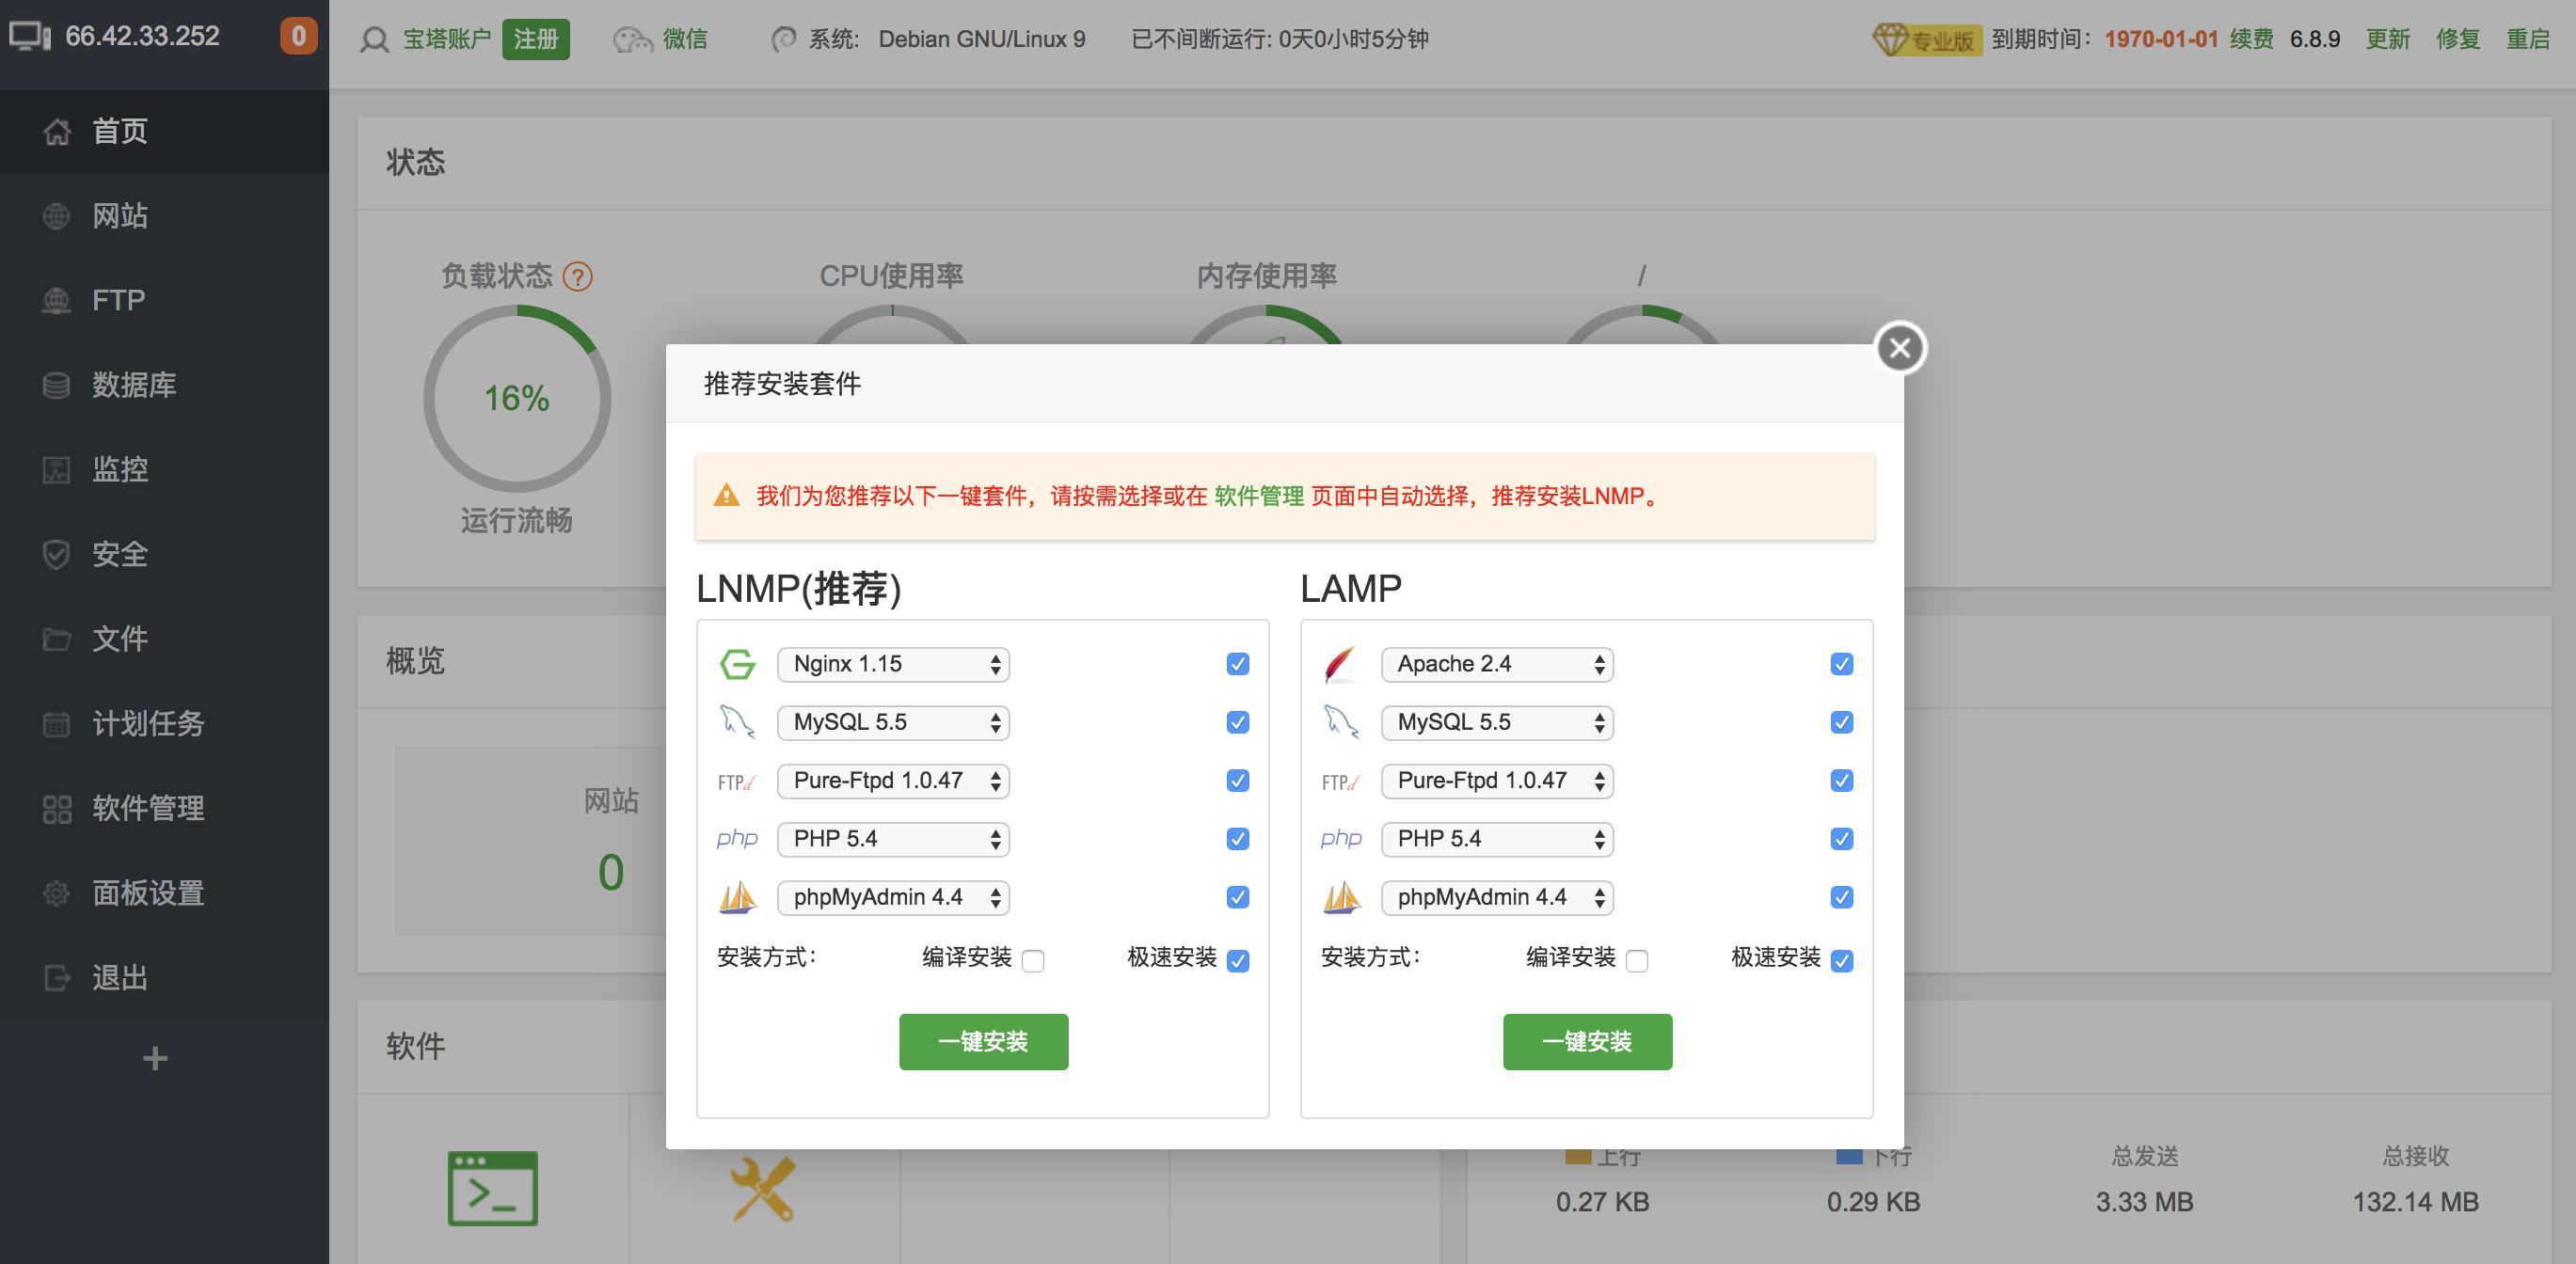 【随便分享】宝塔面板6.8.9破解版 一键直装专业版